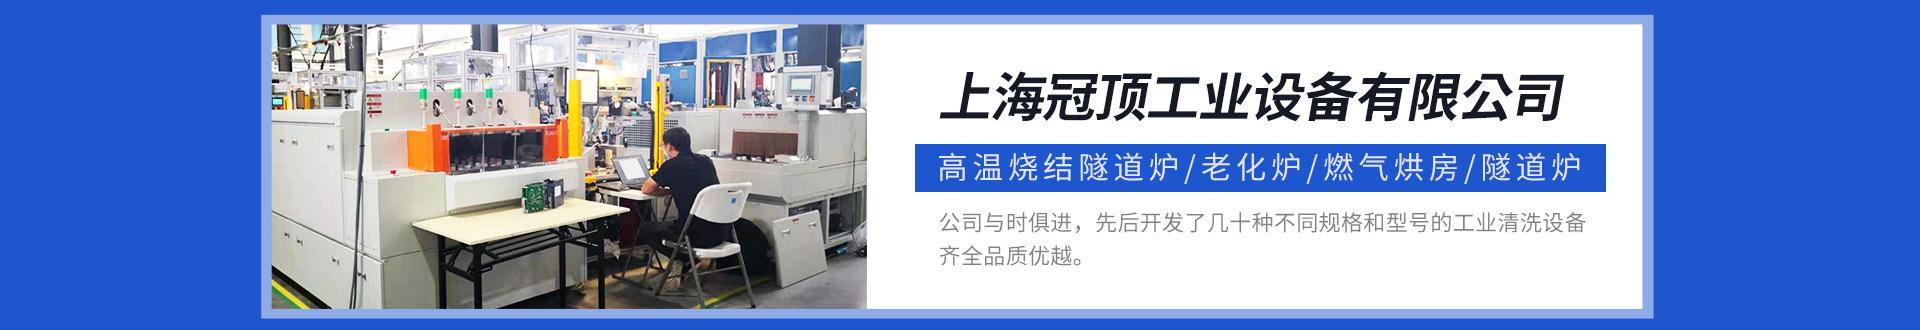 上海冠顶工业设备有限公司